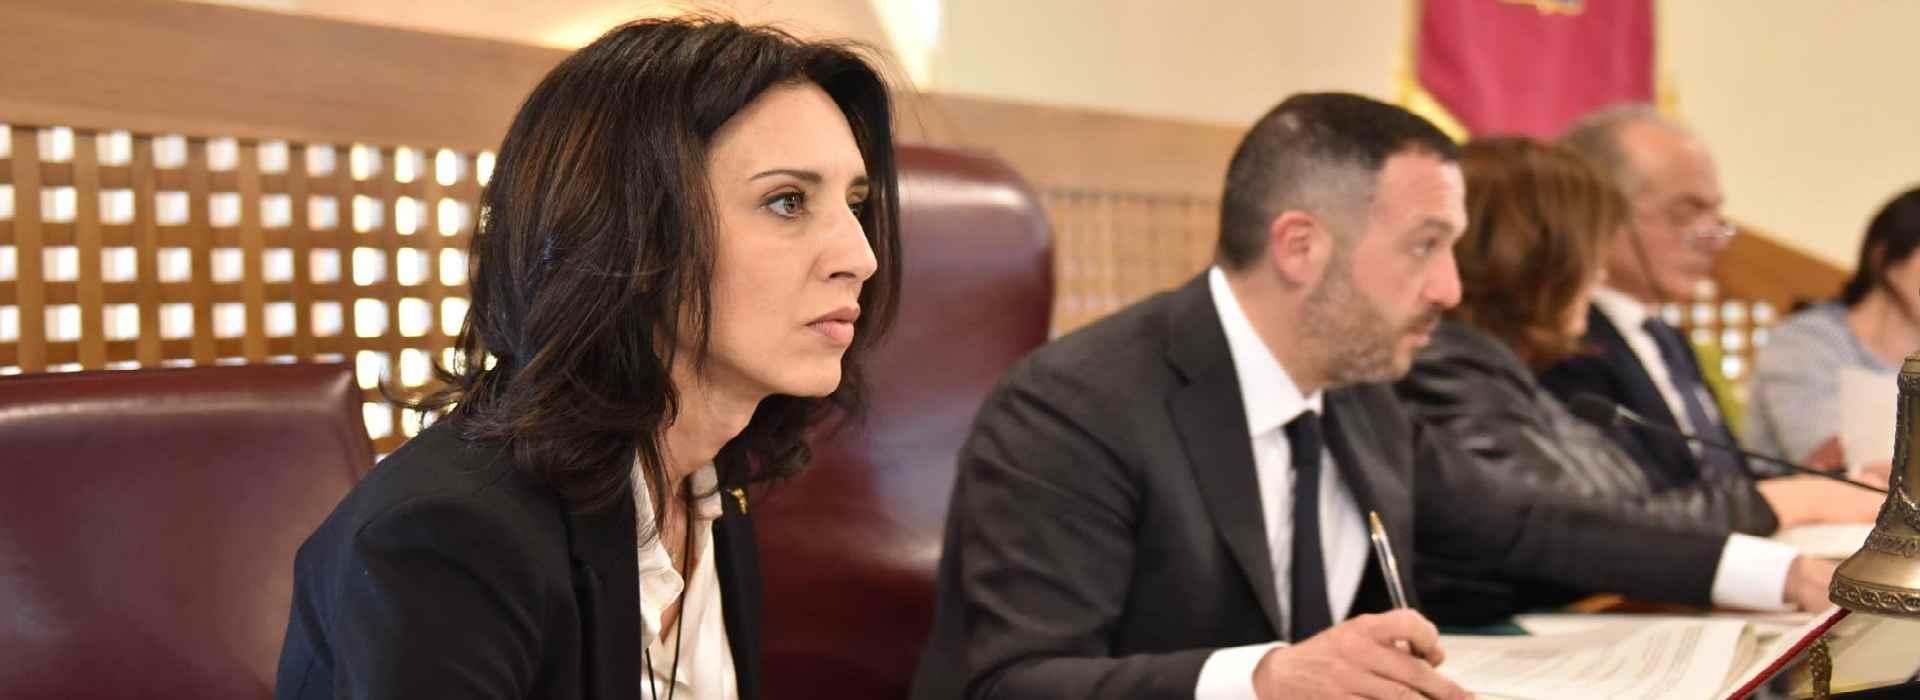 Abruzzo, perquisita casa e ufficio capogruppo Forza Italia Febbo. Indagati Bocchino e Di Stefano della Lega